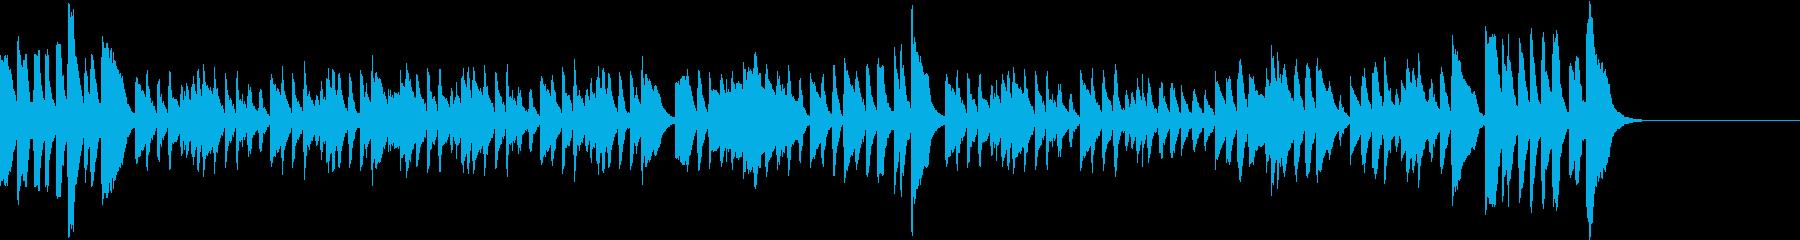 可愛らしいピアノのワルツ 料理 日常の再生済みの波形